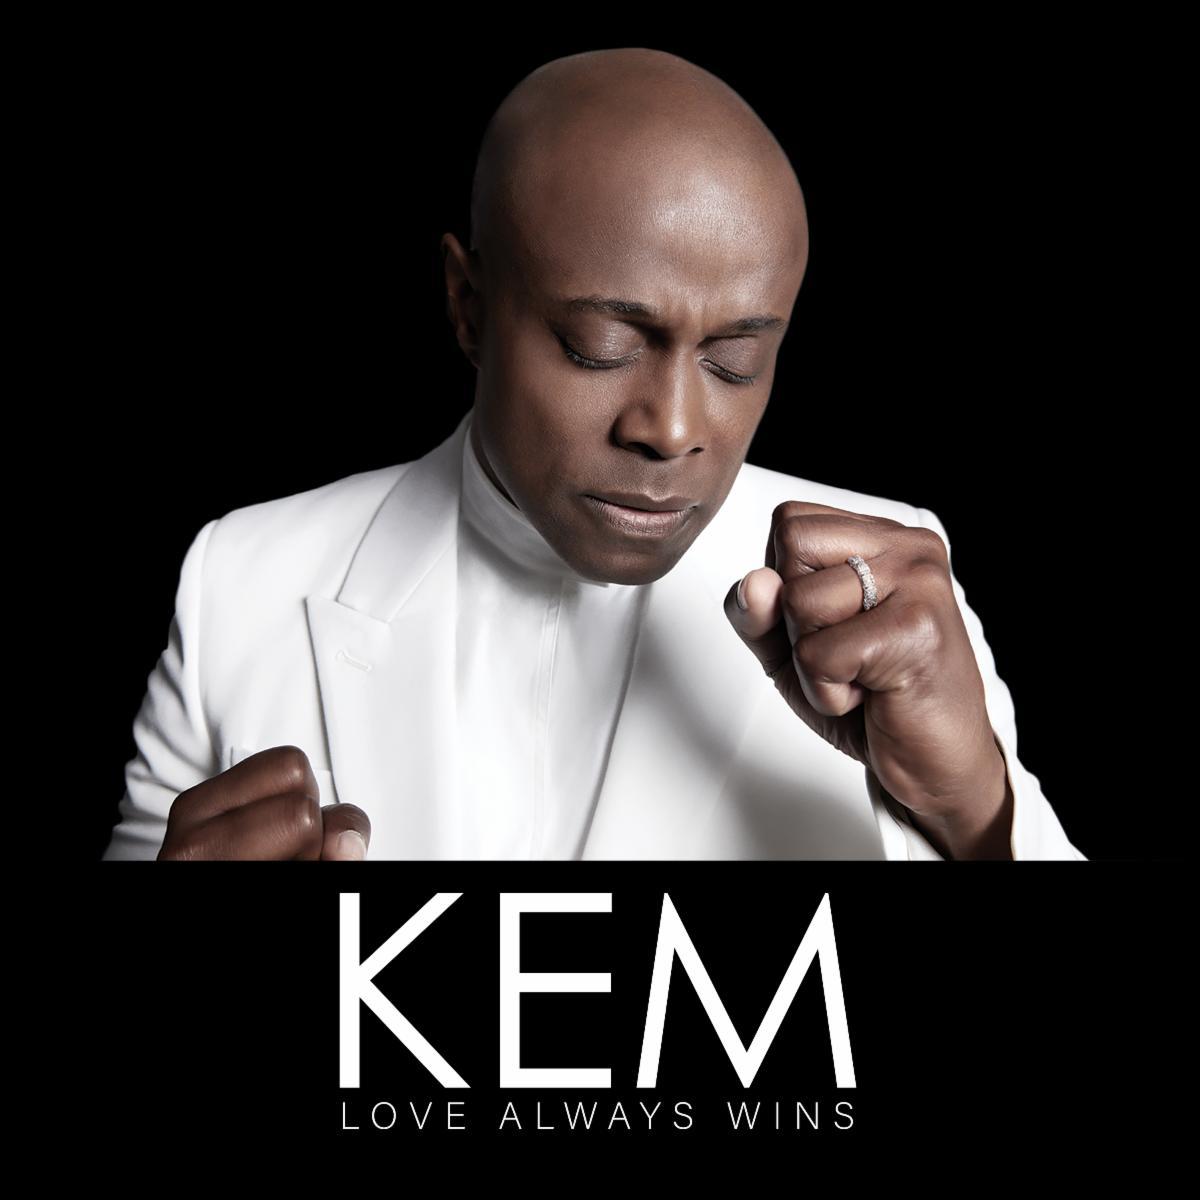 Kem Love Always Wins Album Cover